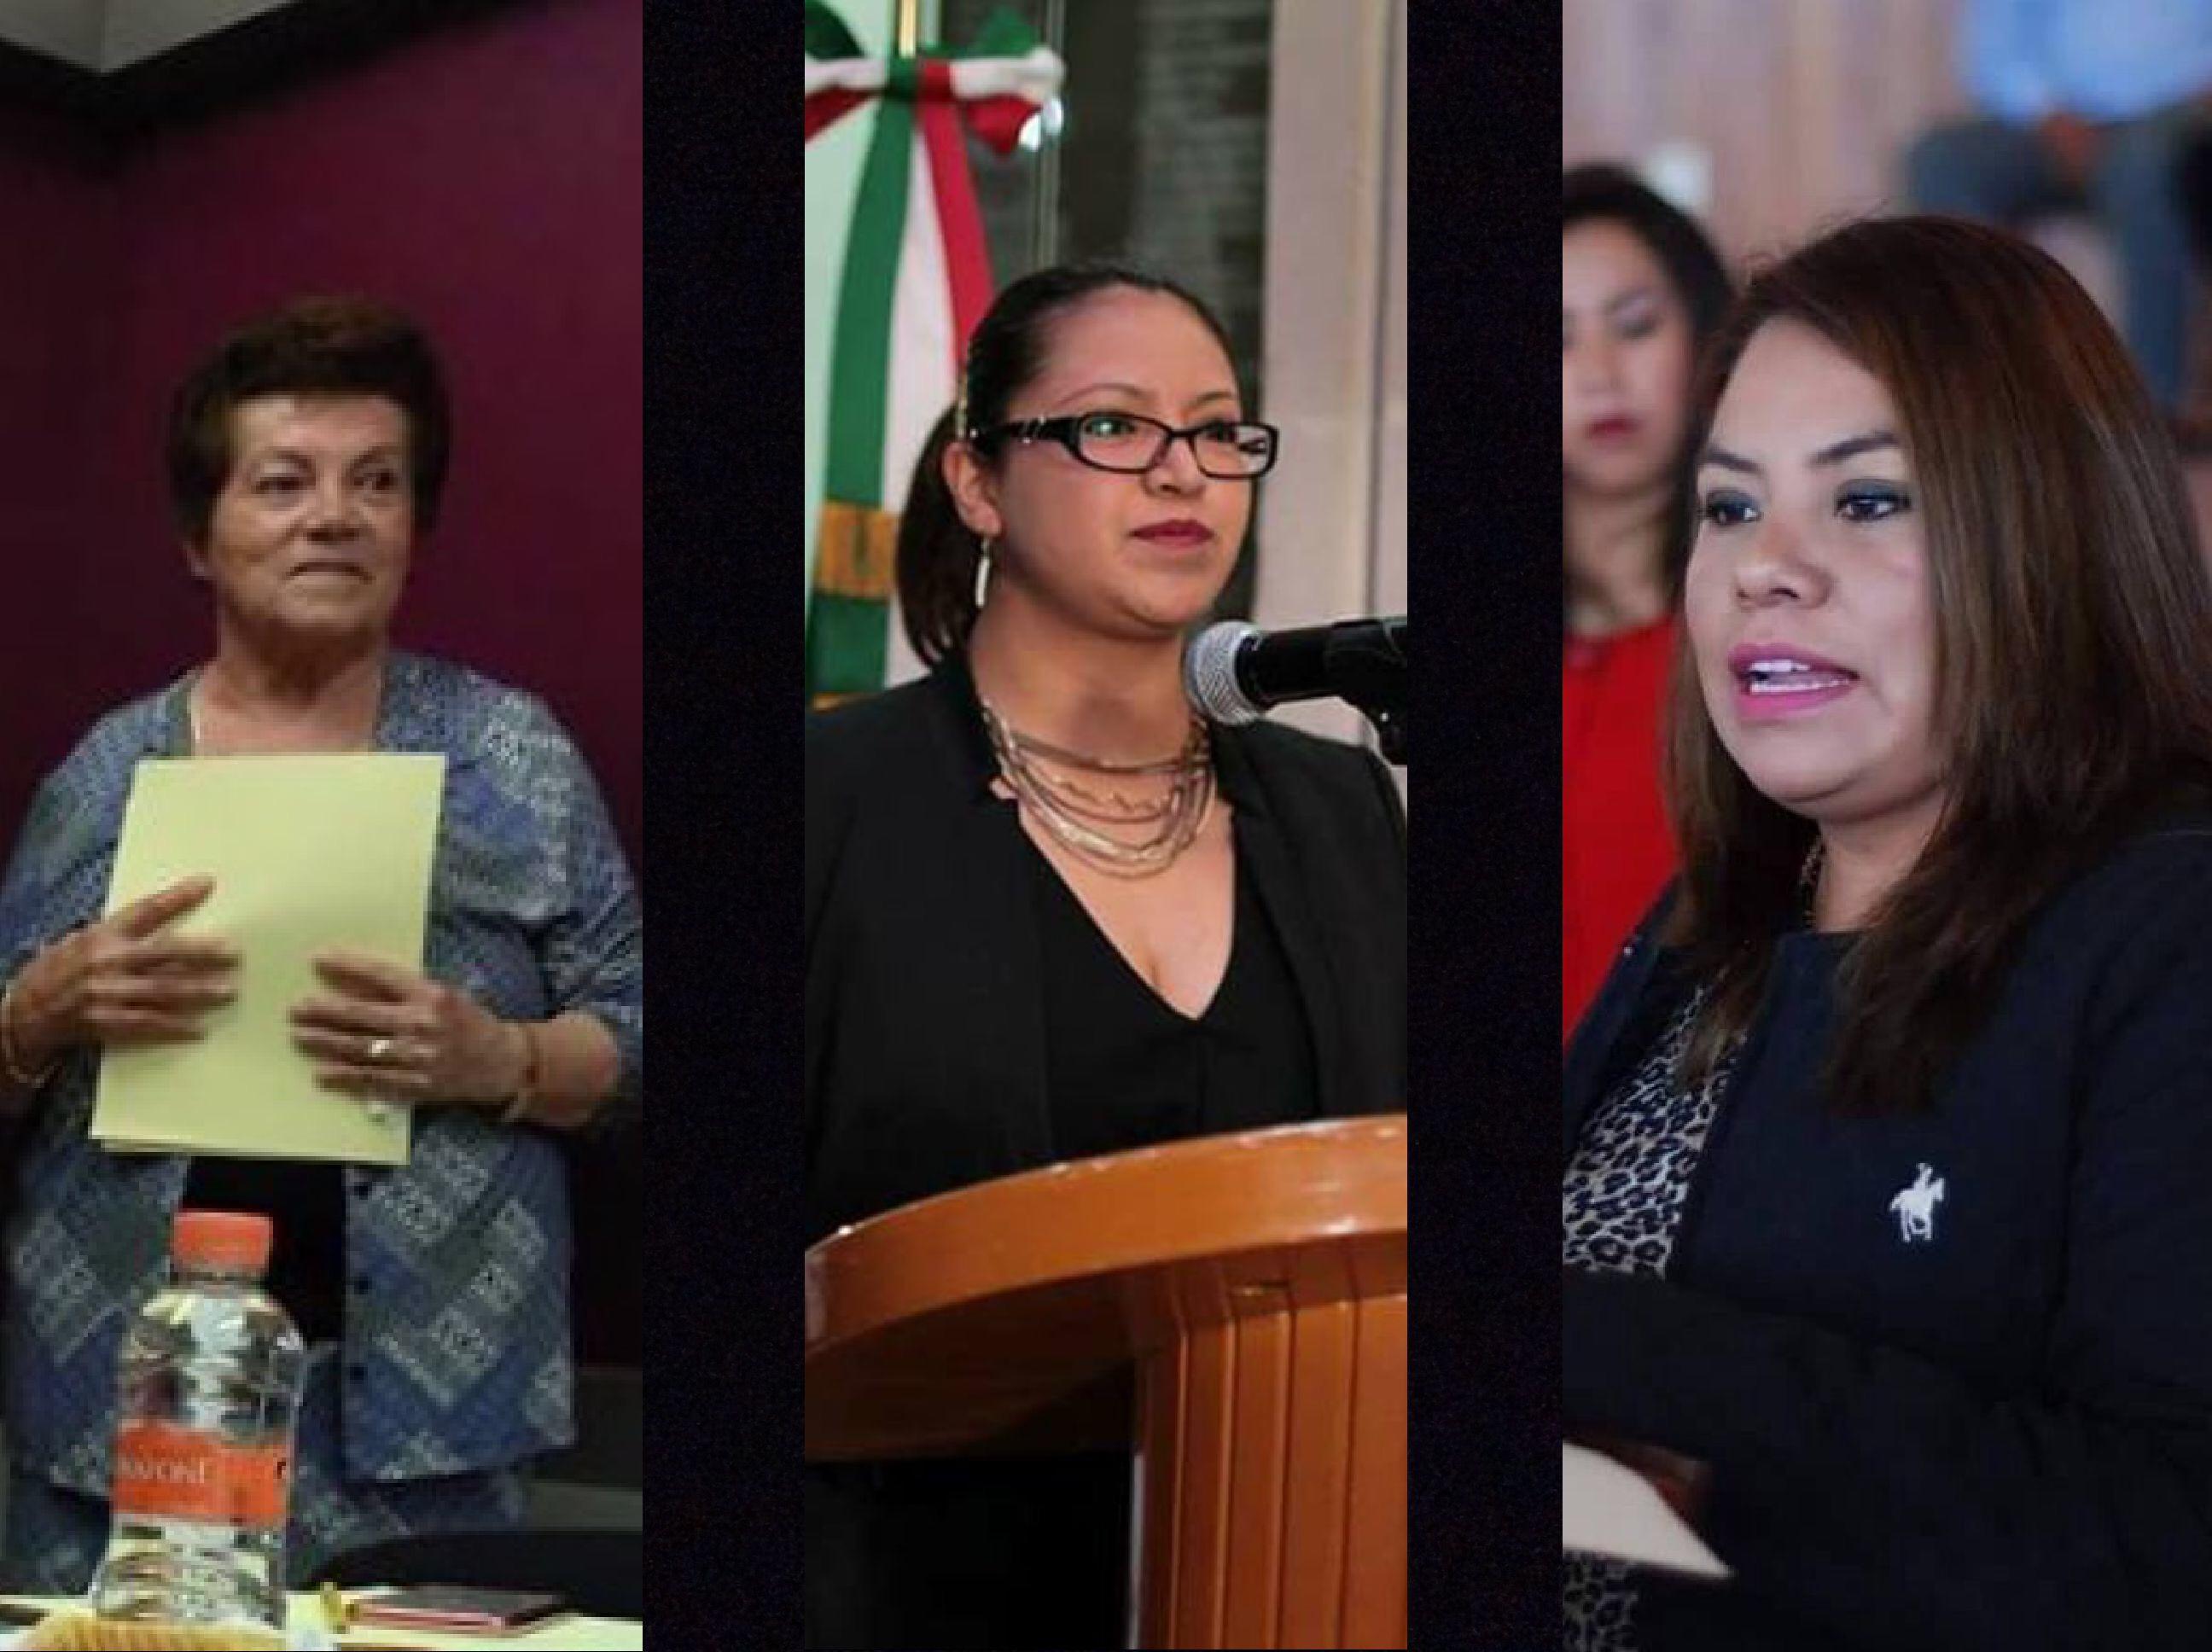 Señala CDM del PAN-Toluca a ediles por morosas